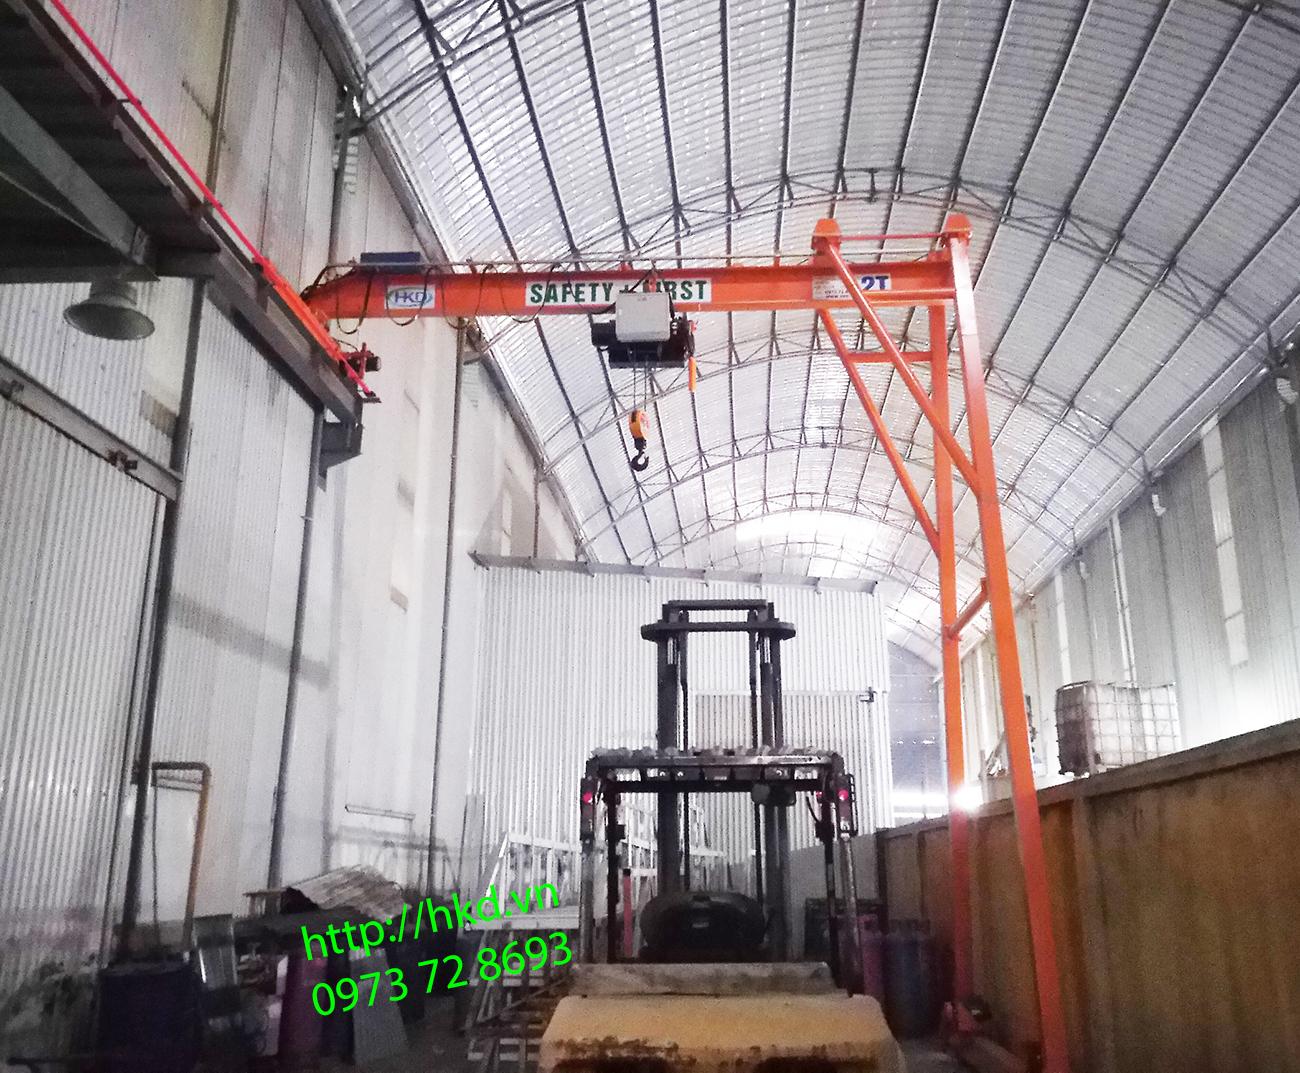 Bán cổng trục 2 tấn dầm đơn khẩu độ ngắn 7 mét